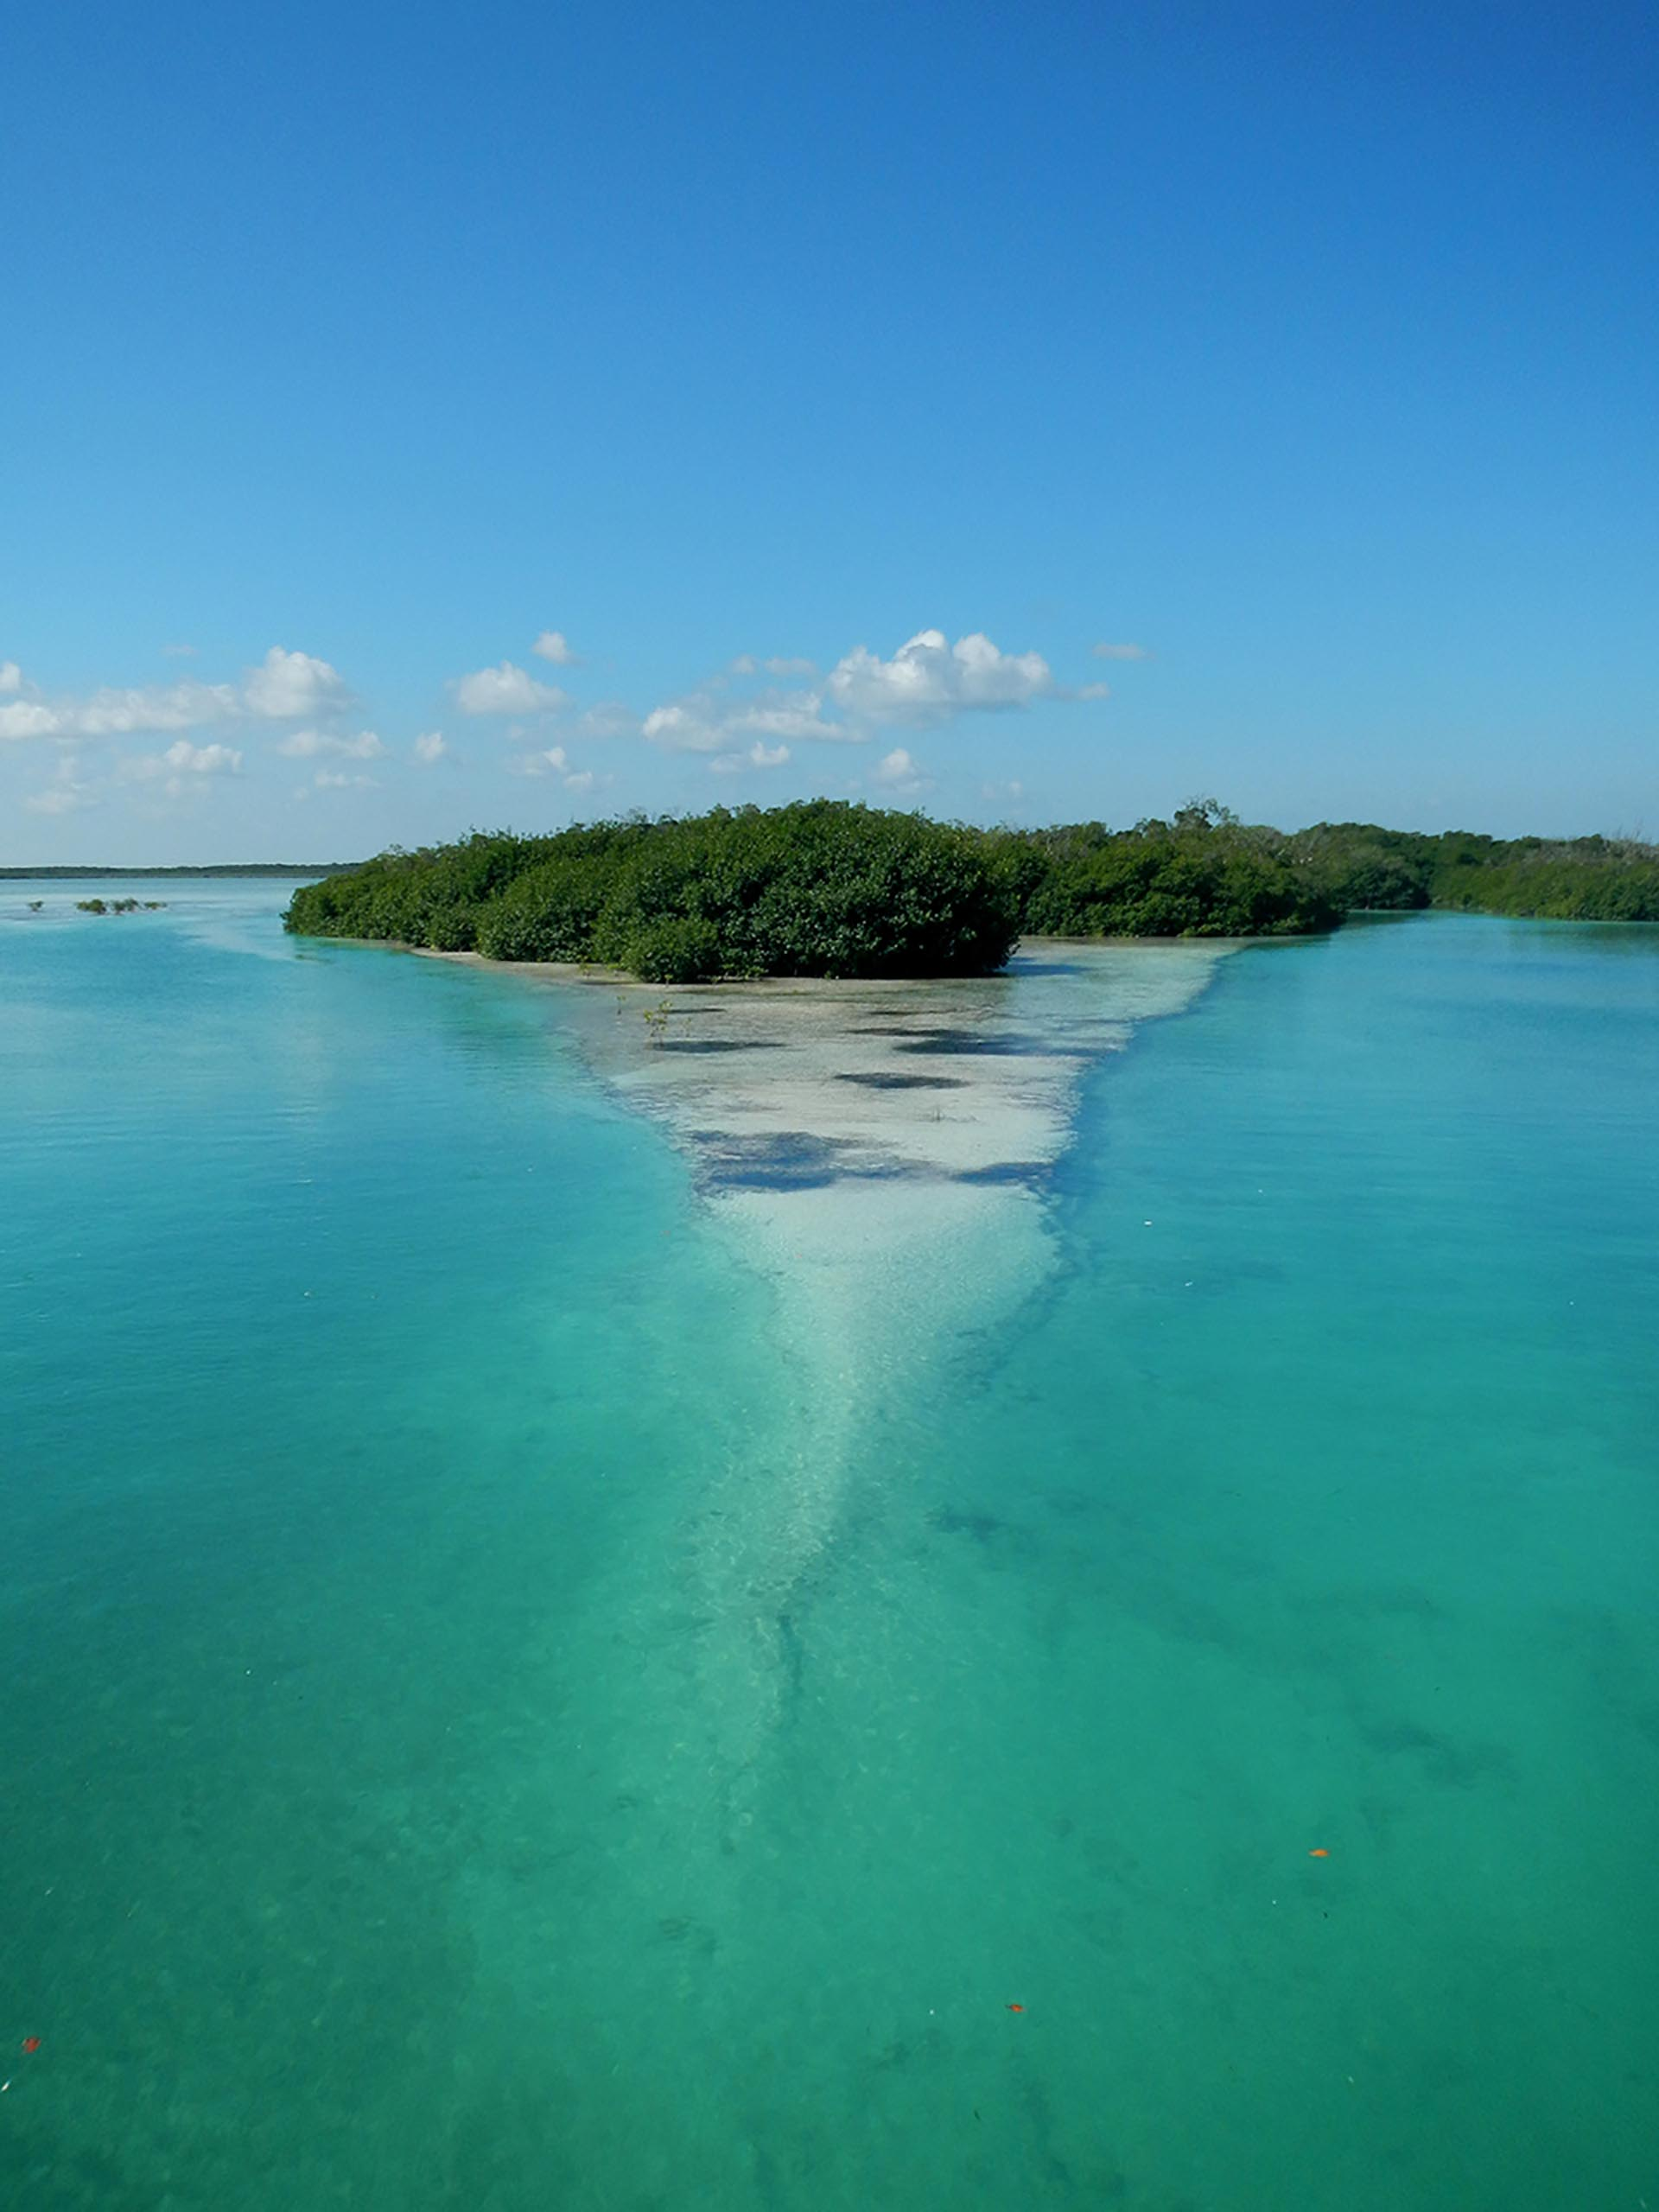 Mangrovie - Sian Ka'an